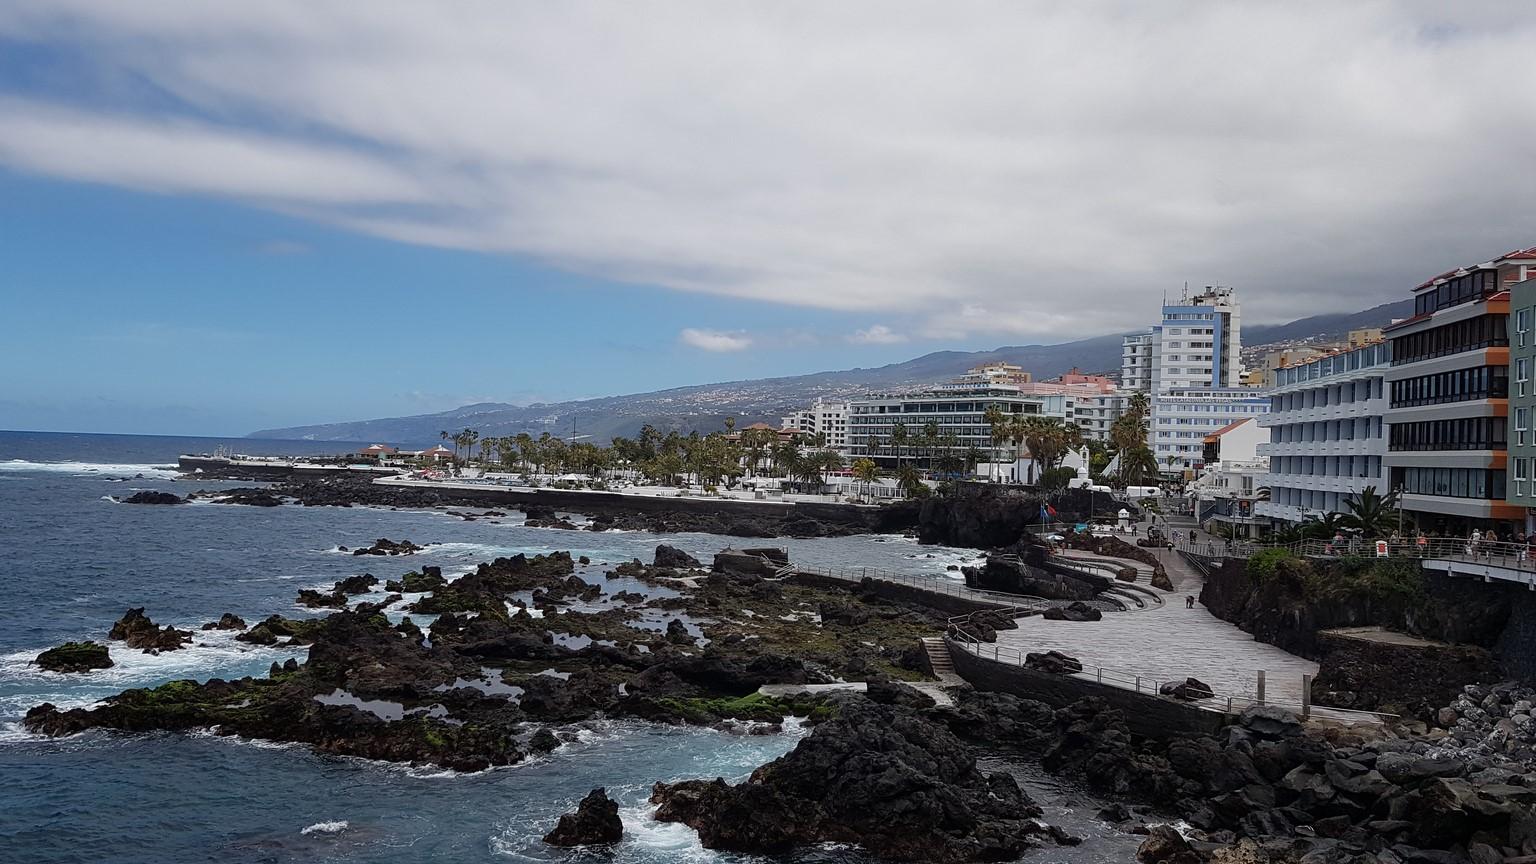 výhled na pobřeží Puerto de la Cruz